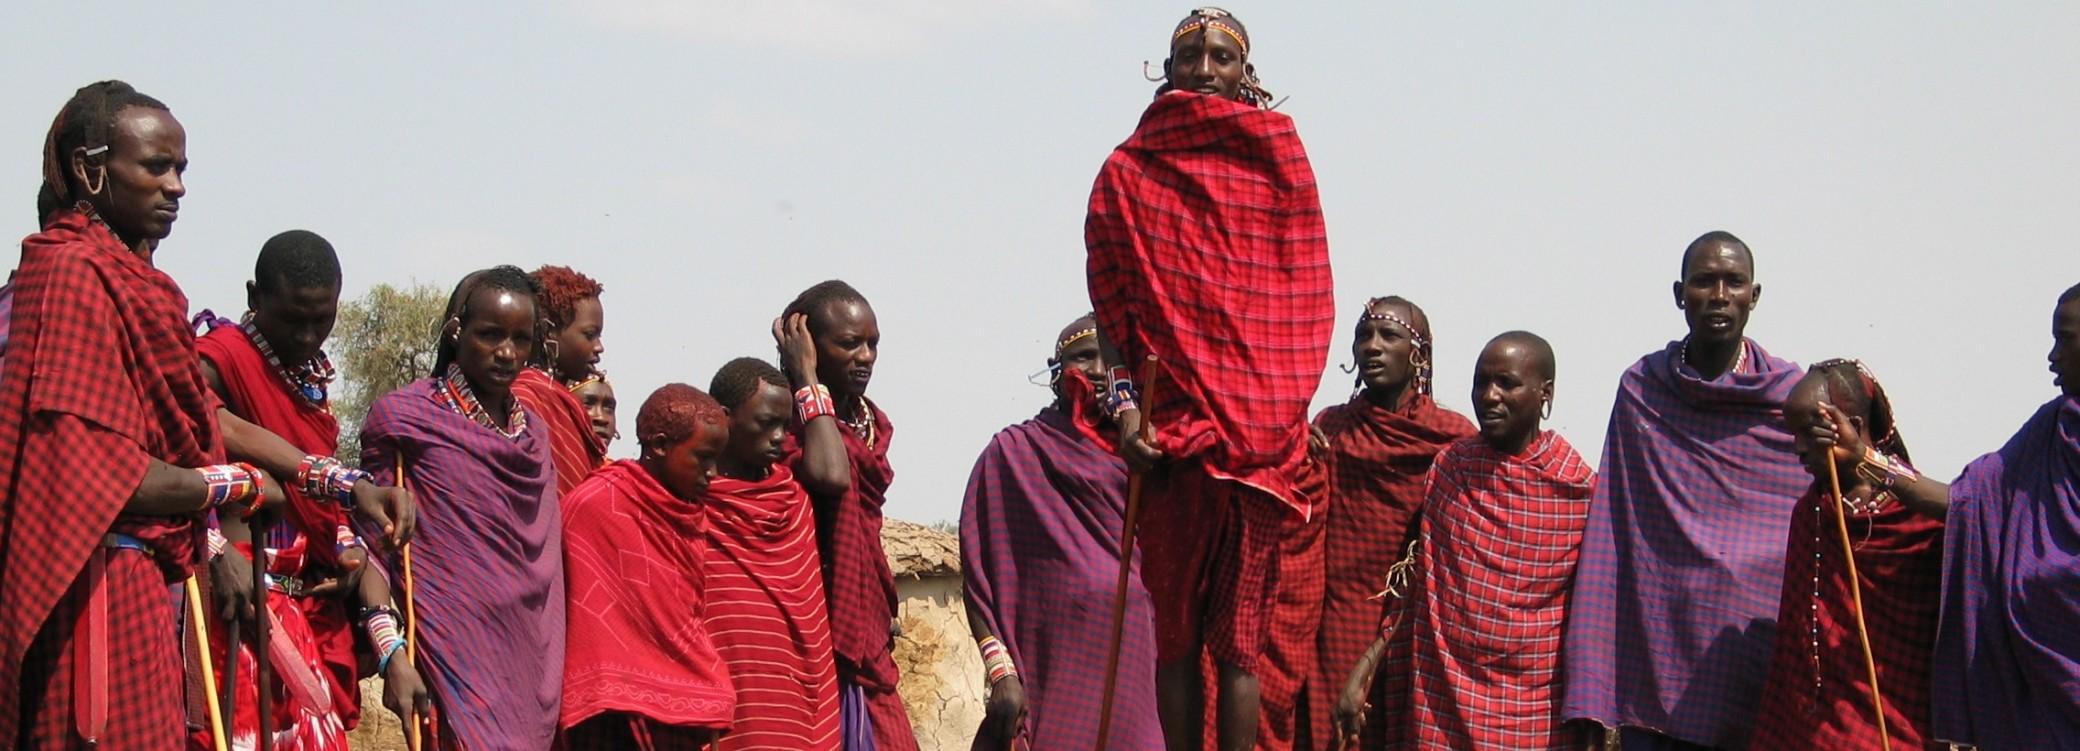 Masai-2-Copy-e1394661316331